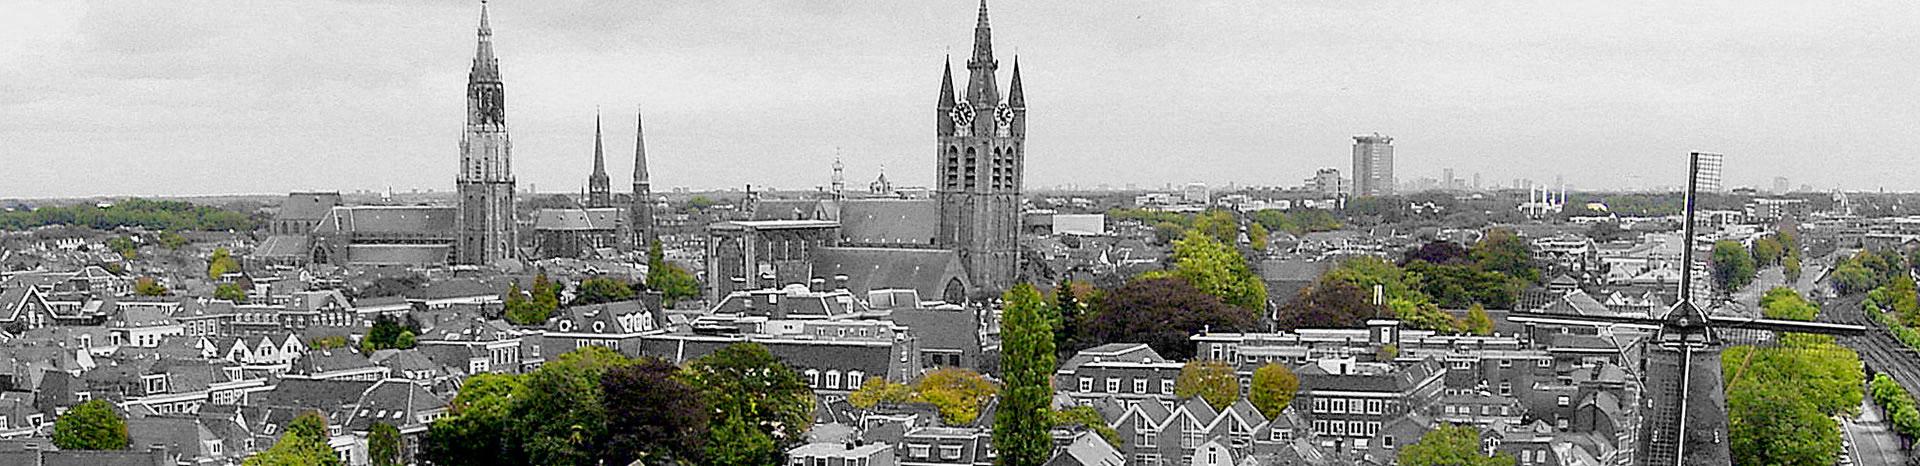 Letselschade advocaat Delft en omgeving | LetselPro